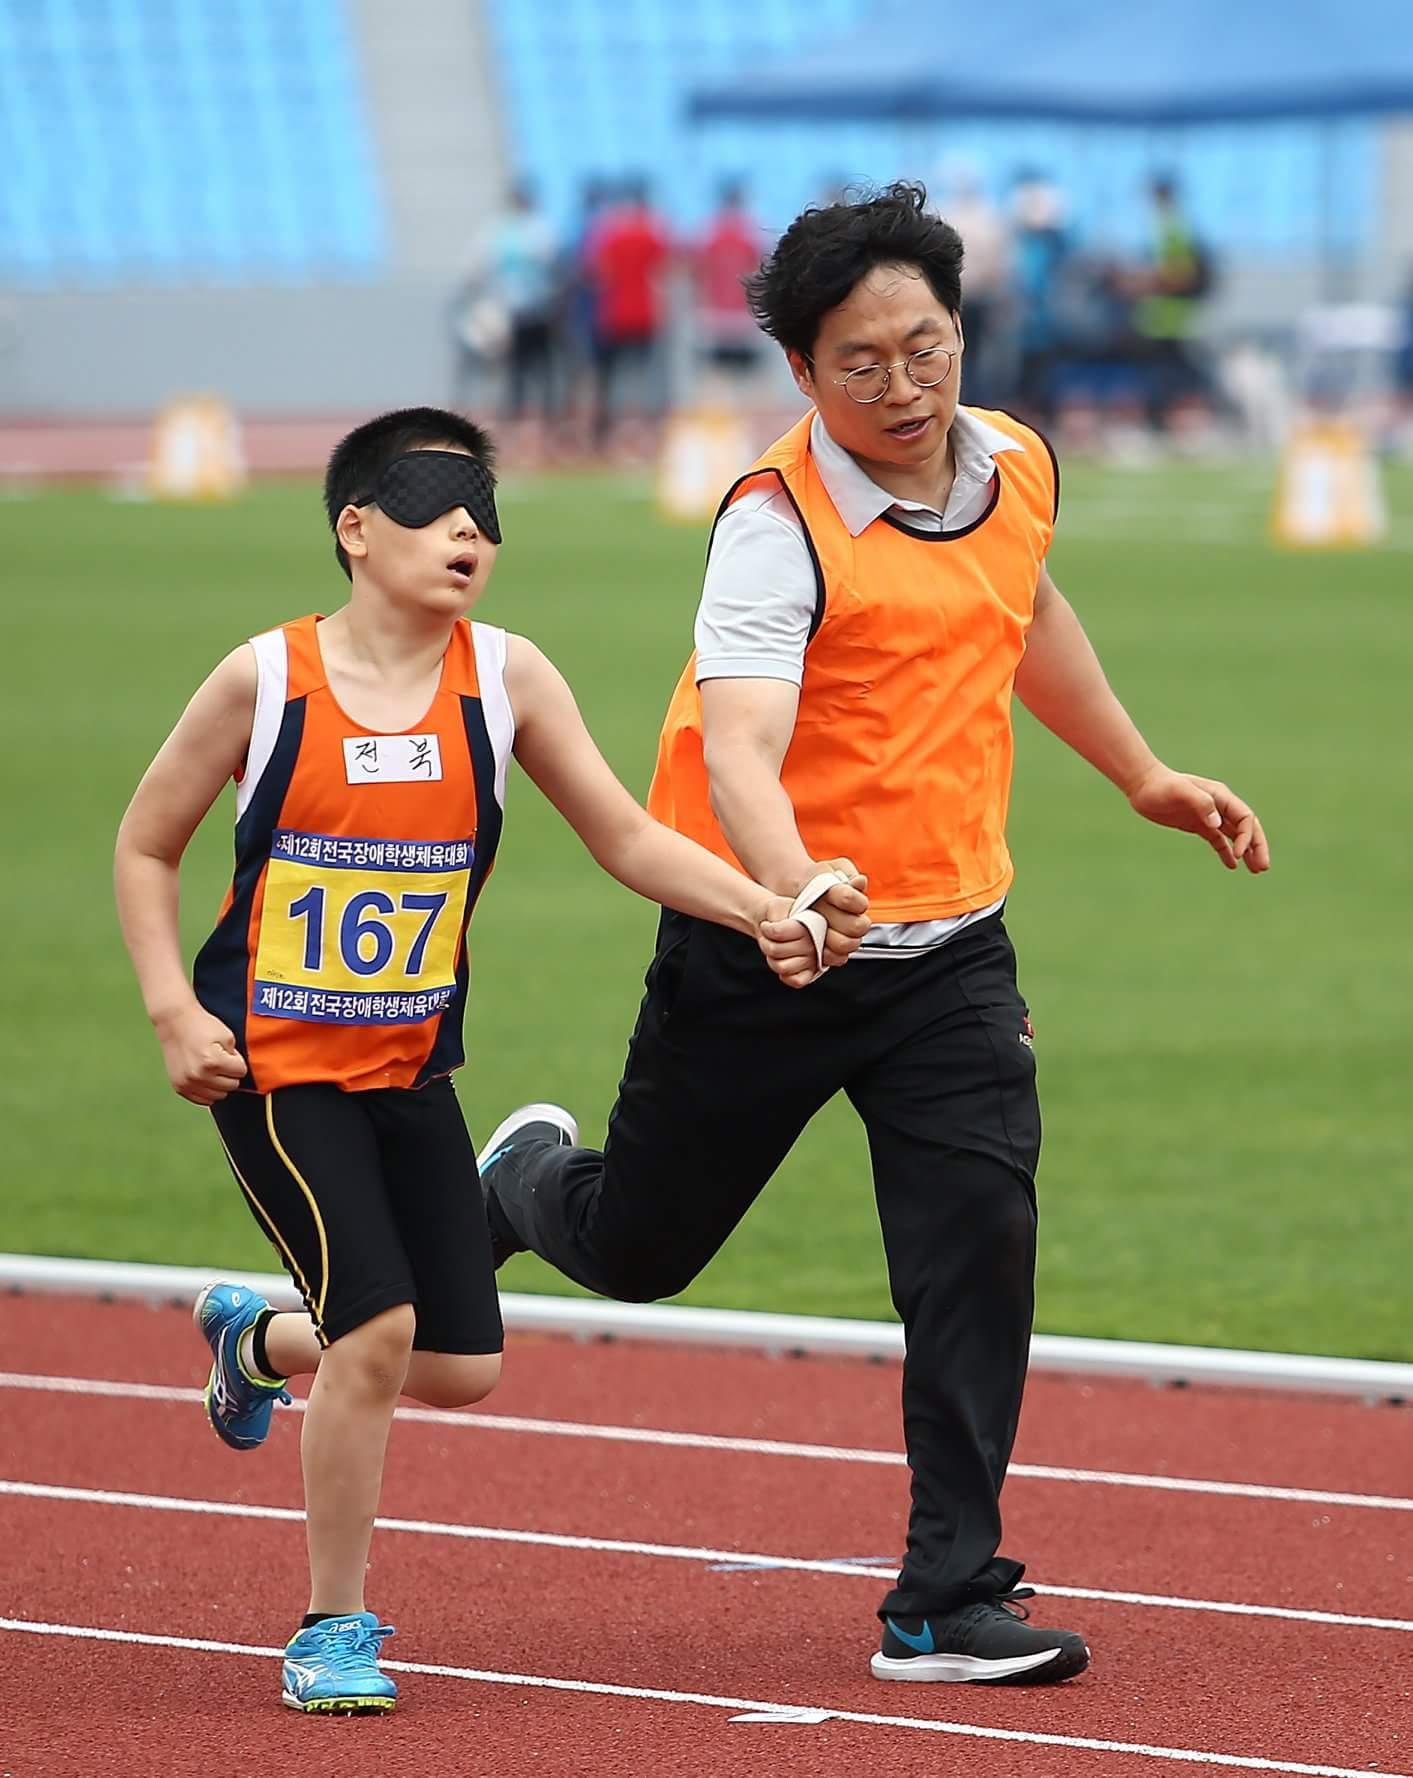 전북맹아학교 중학교 1학년 이석호(13)군이 '제12회 전국장애학생체육대회' 남중부 육상 100m 결승에서 가이드로 나선 박성준(34) 체육교사와 함께 뛰고 있다. 이군은 이 경기에서 제일 먼저 골인해 금메달을 땄다. [사진 전북맹아학교]